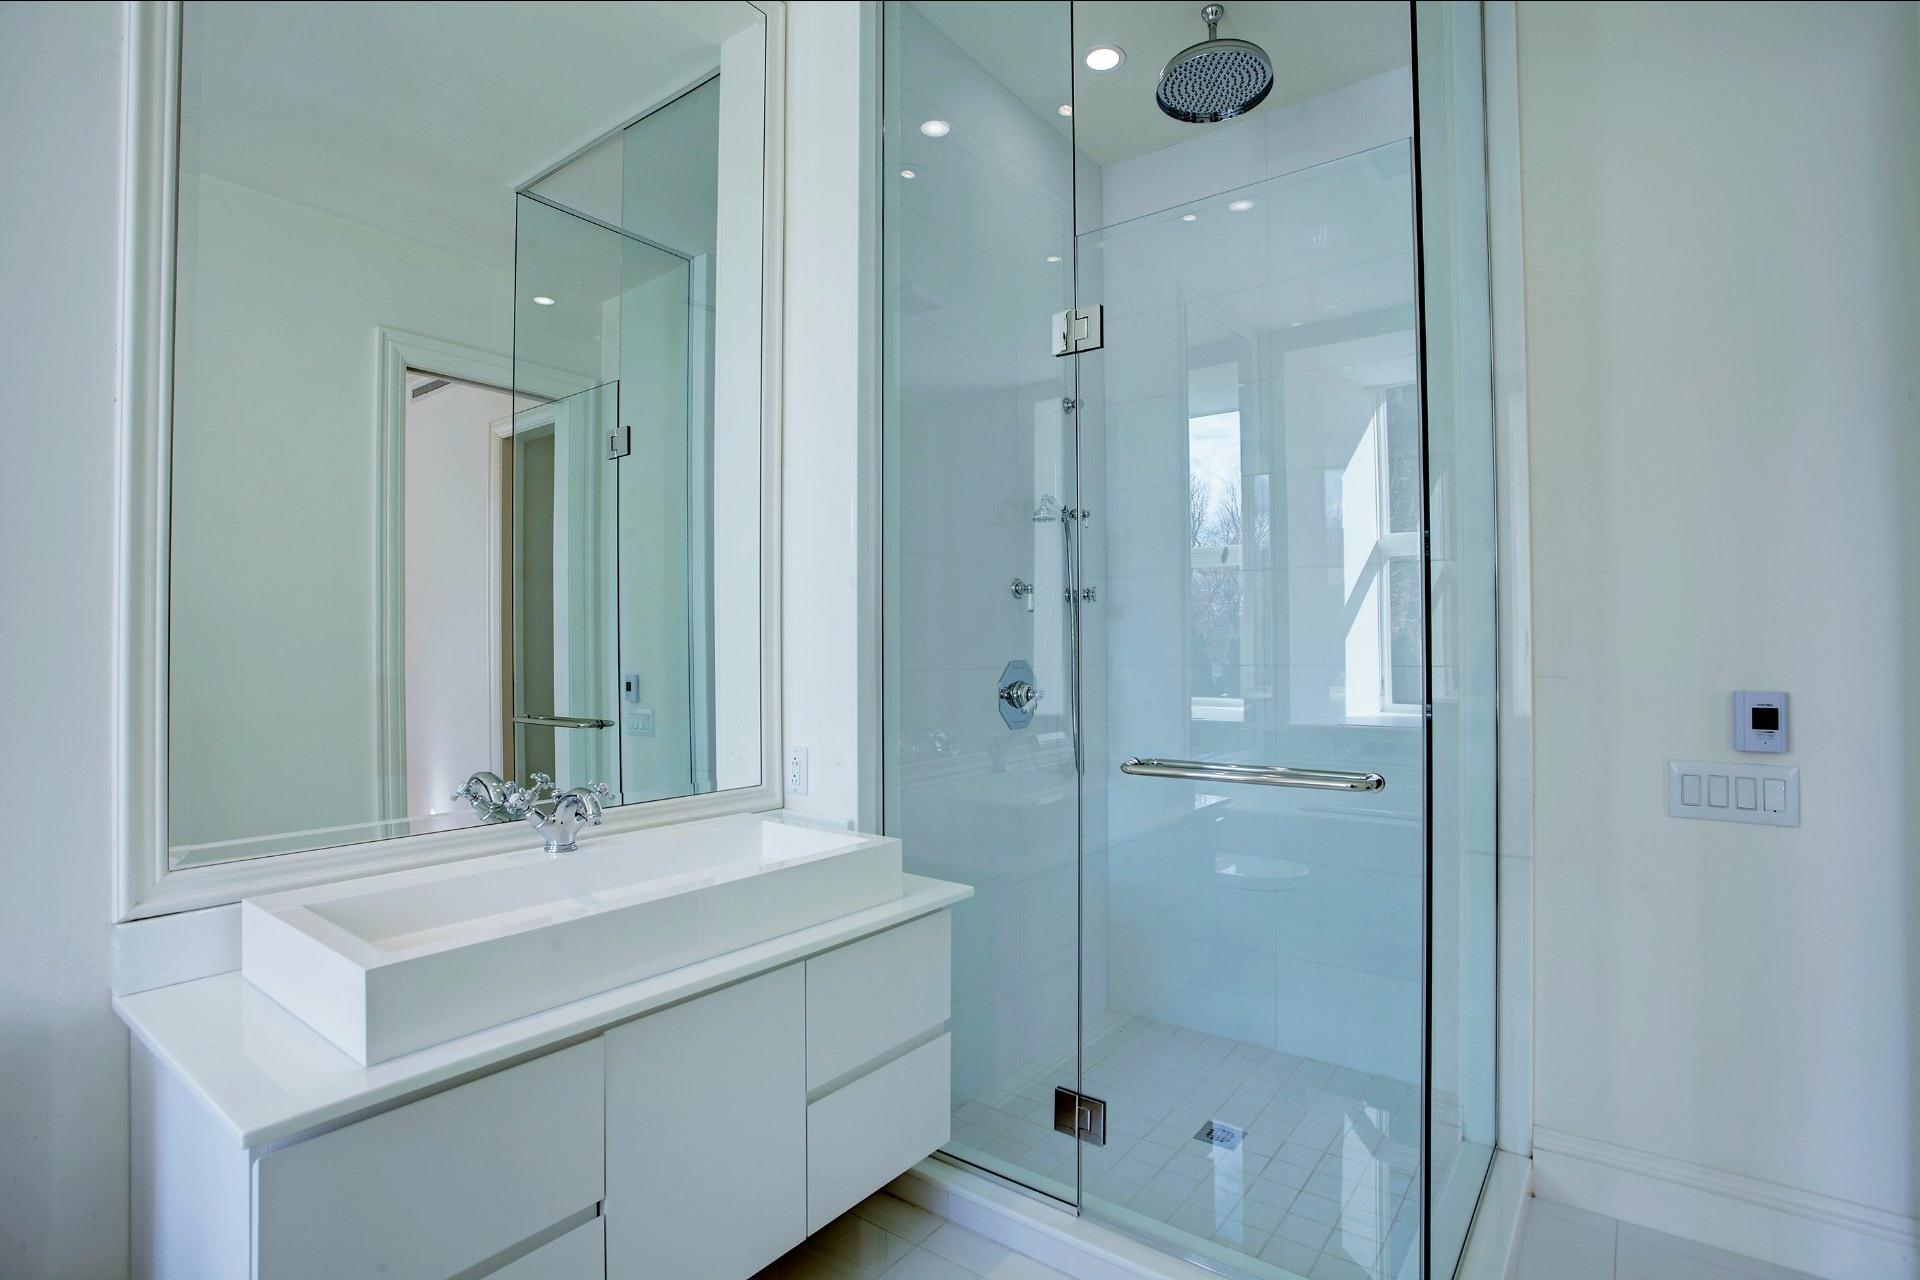 image 15 - Apartment For sale Montréal Ville-Marie  - 4 rooms